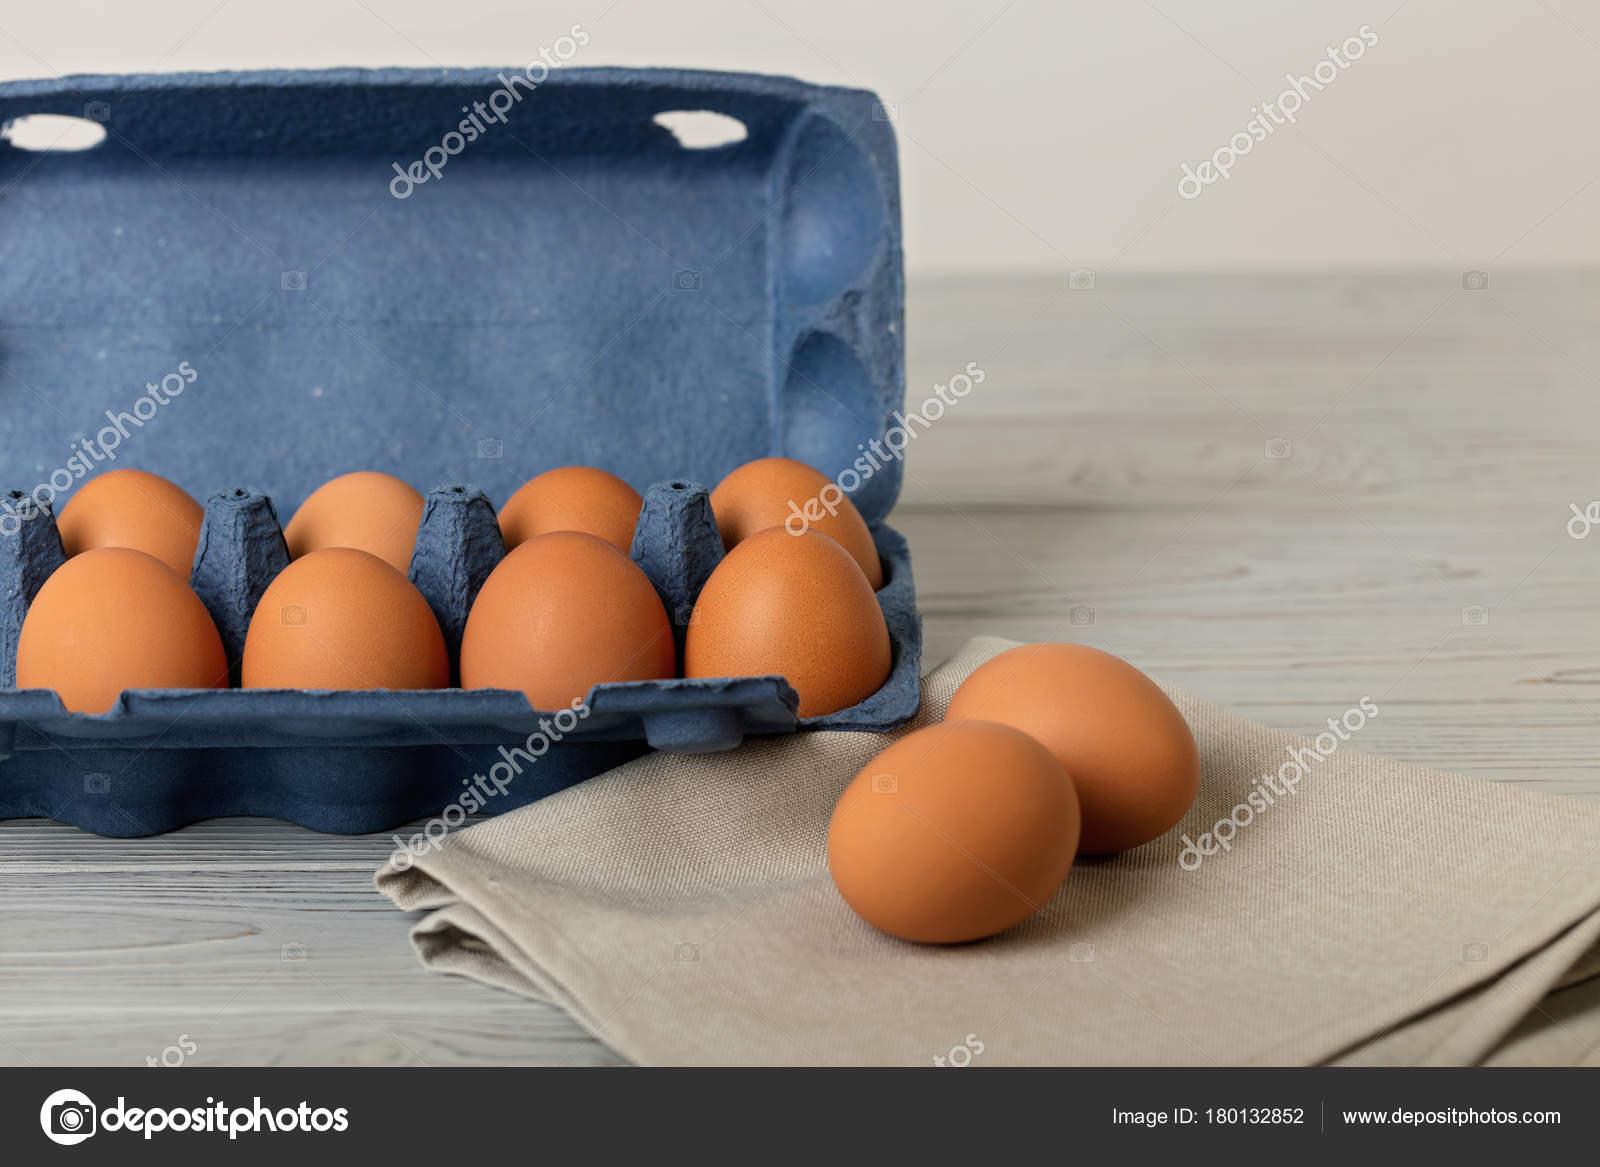 Bir toplu paket içinde tavuk